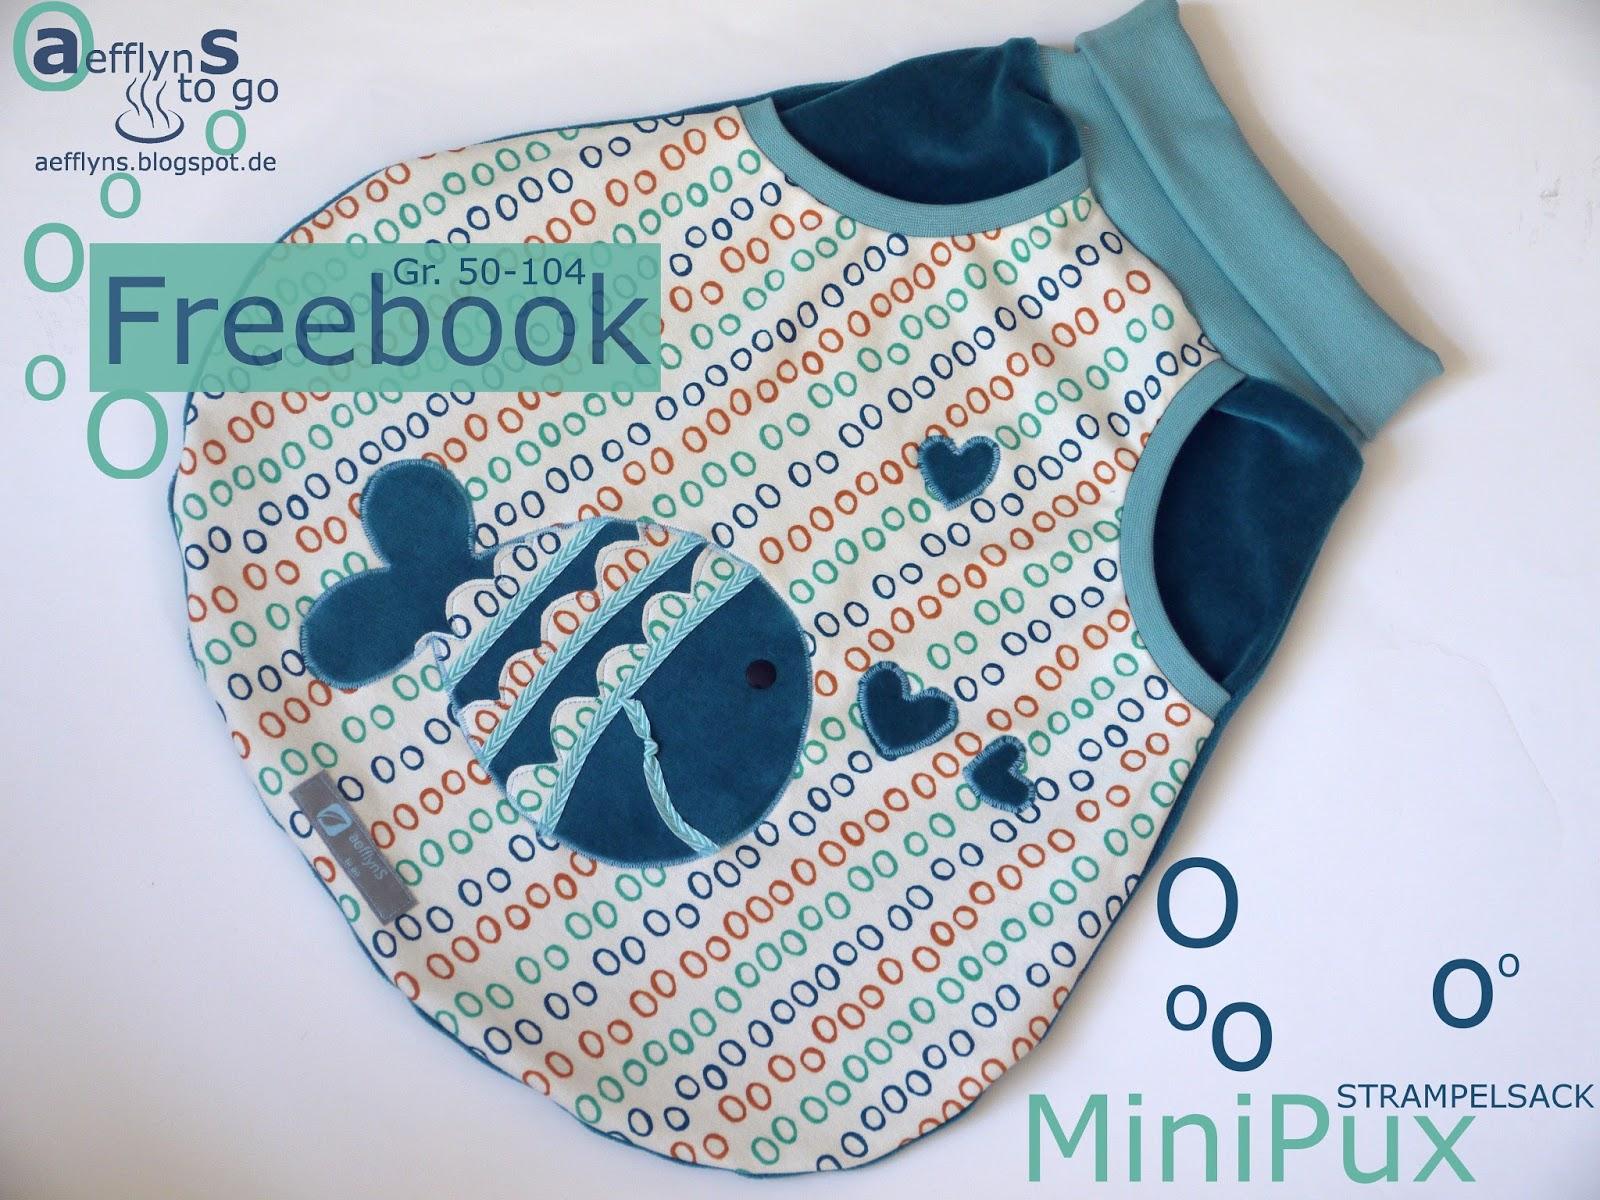 aefflynS - to go: FREEBOOK \'MiniPux\' - ein stylischer Strampelsack!